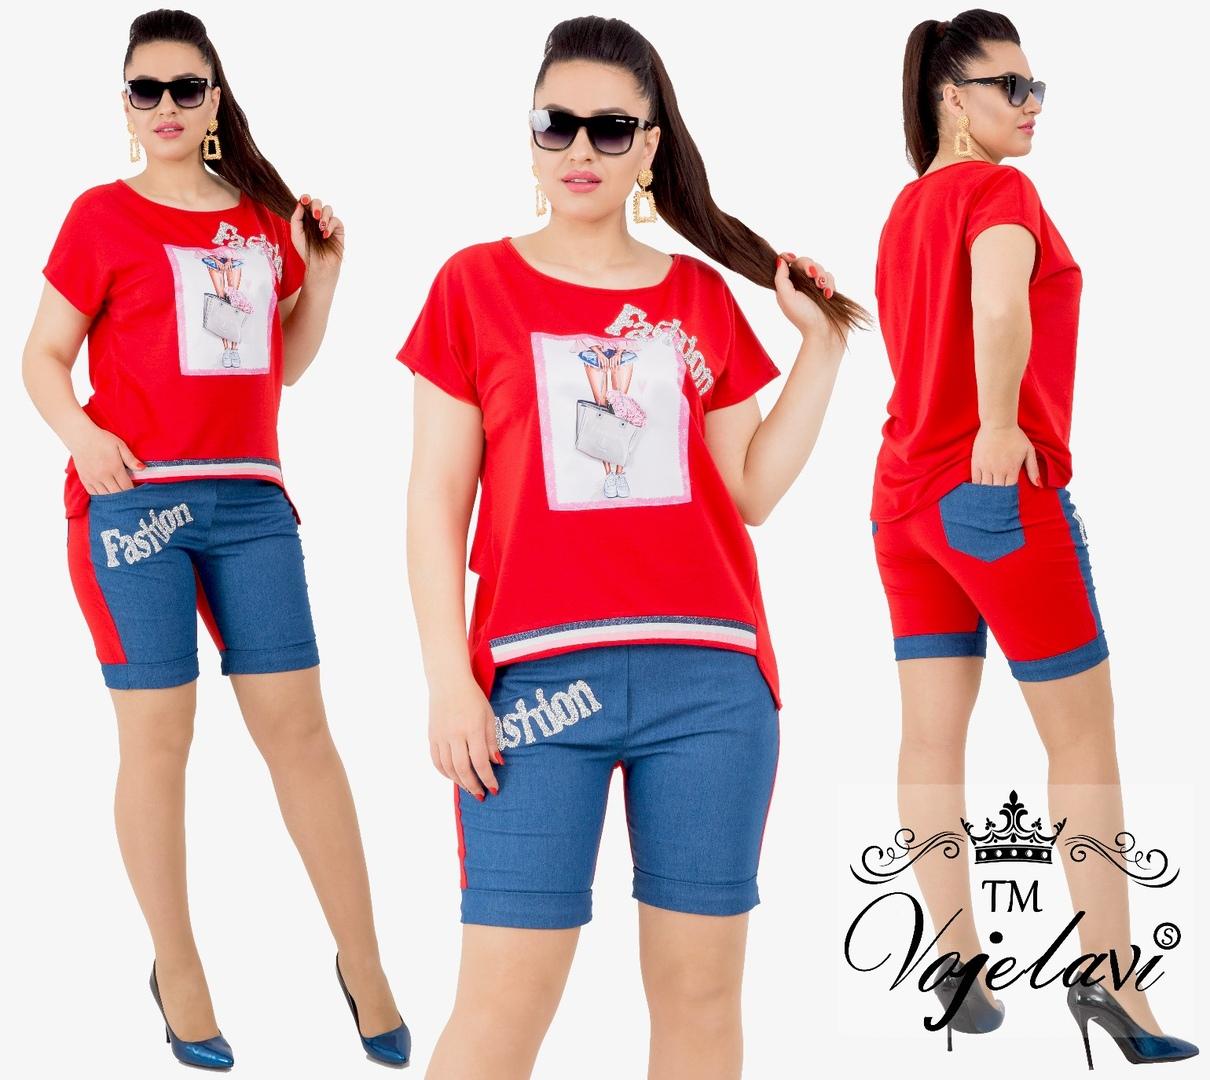 13ebe7f2792 оптово-розничный интернет-магазин женской и детской одежды Модница